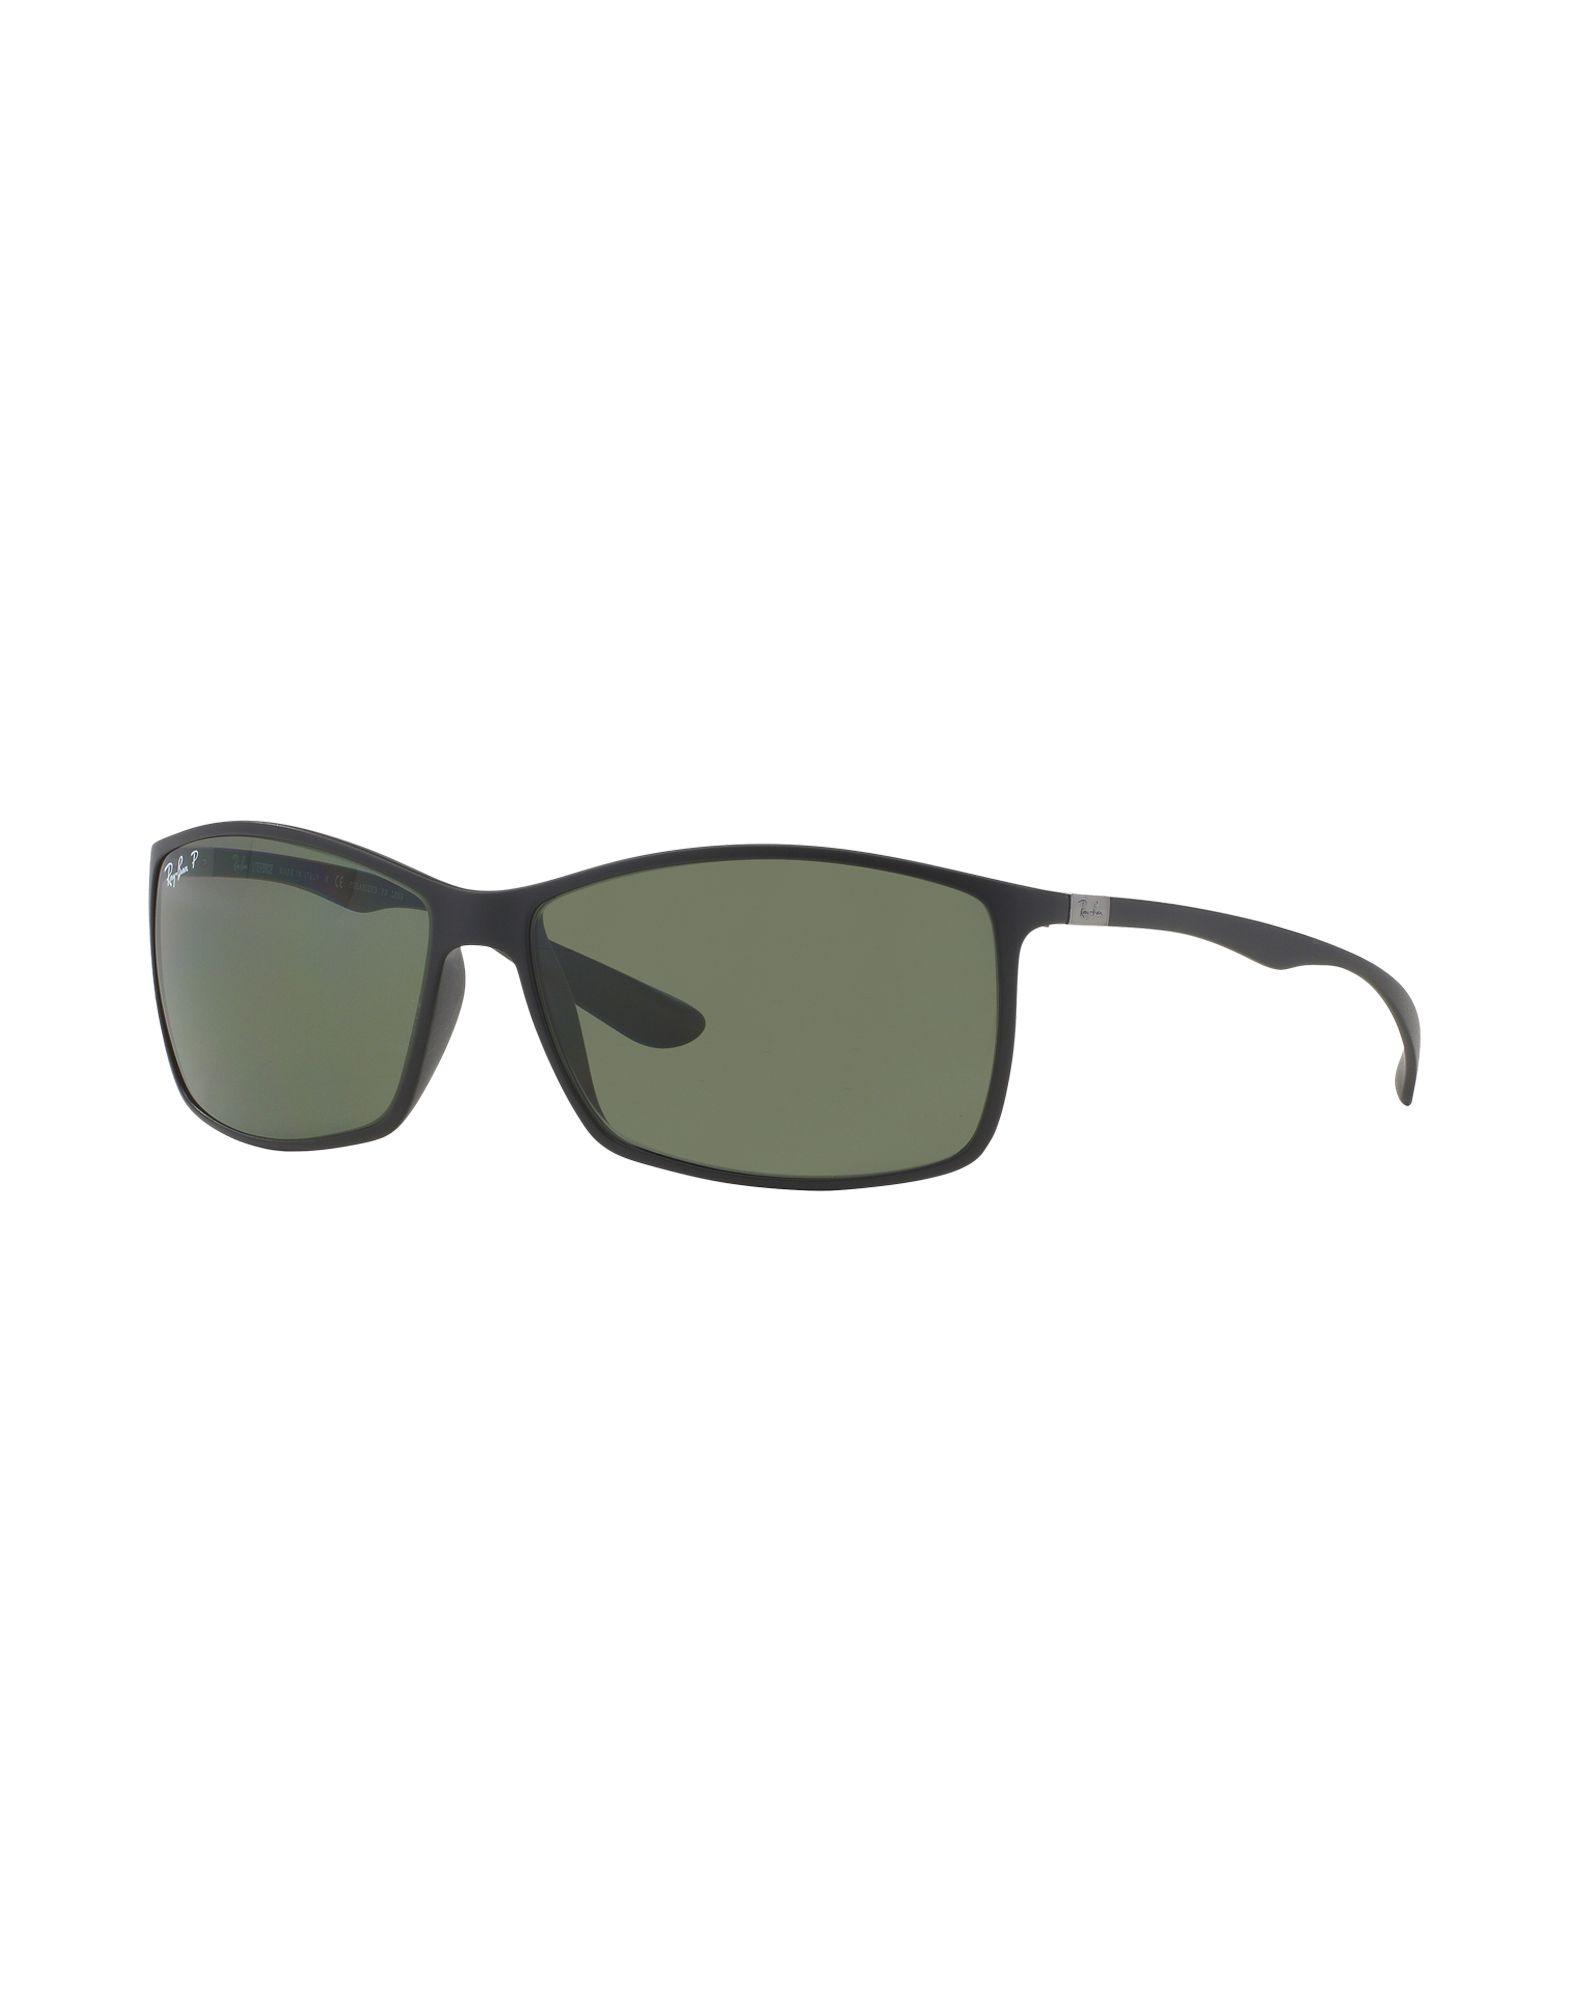 RAY-BAN Herren Sonnenbrille Farbe Schwarz Größe 7 jetztbilligerkaufen